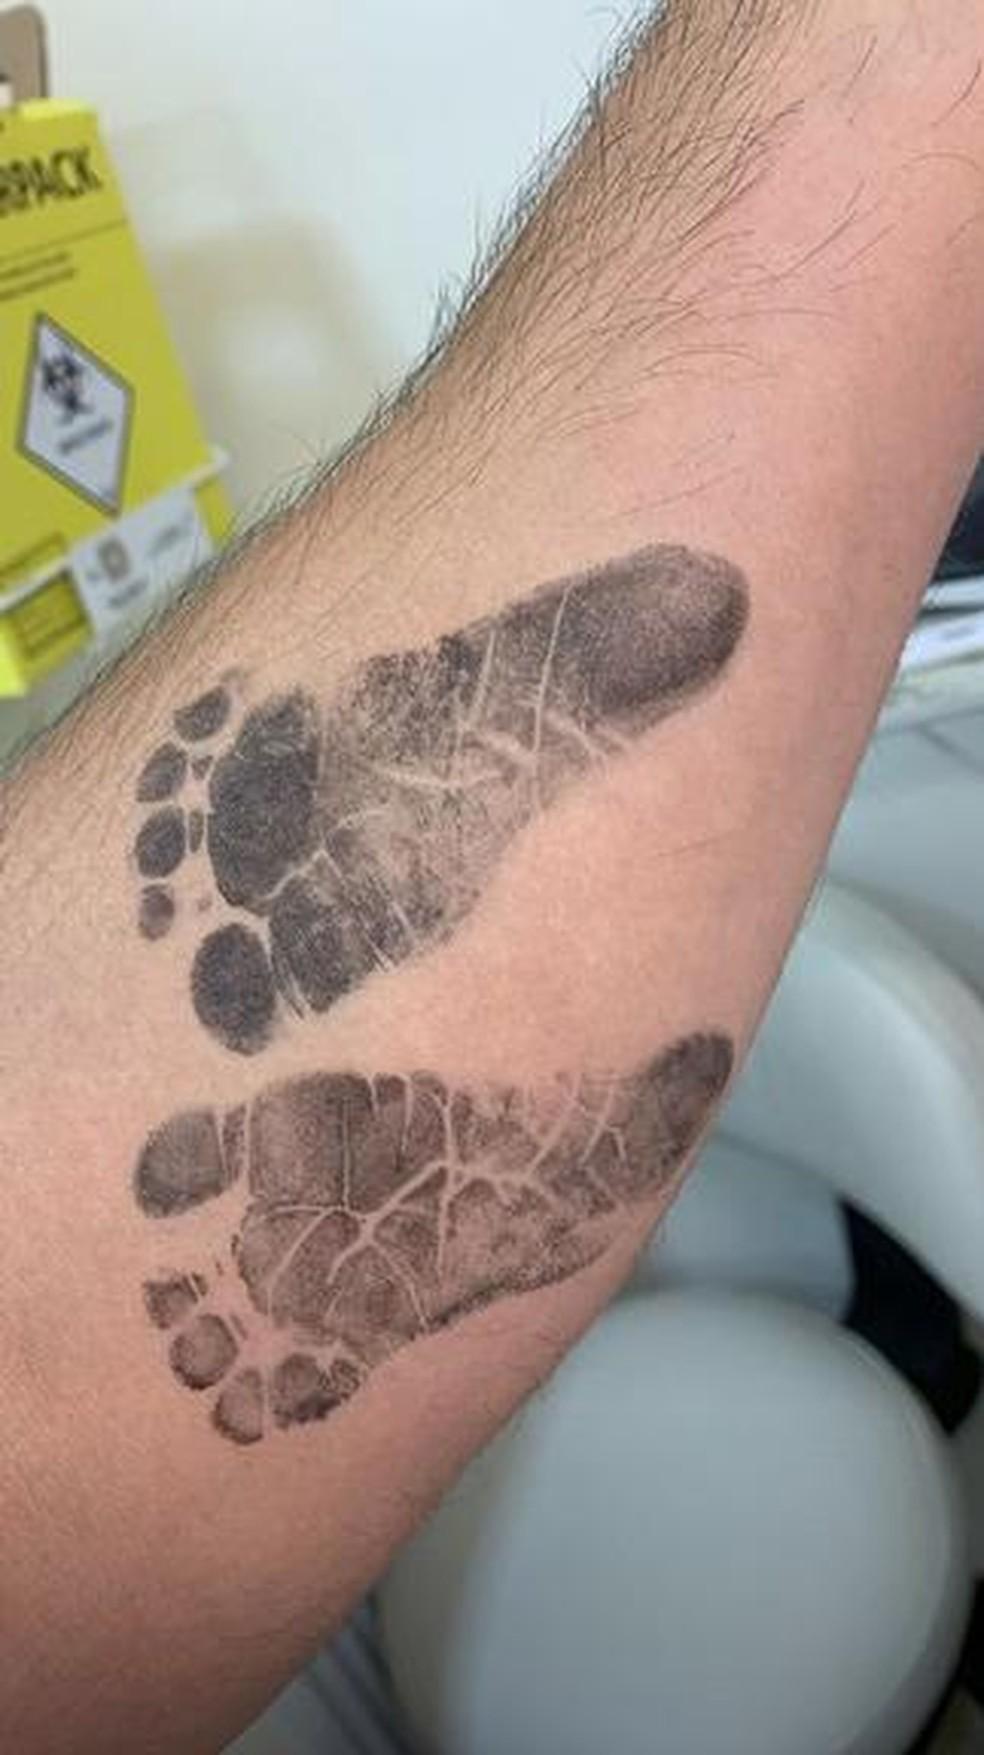 Duda Nagle mostra marca dos pés da filha Zoe — Foto: Reprodução/Instagram